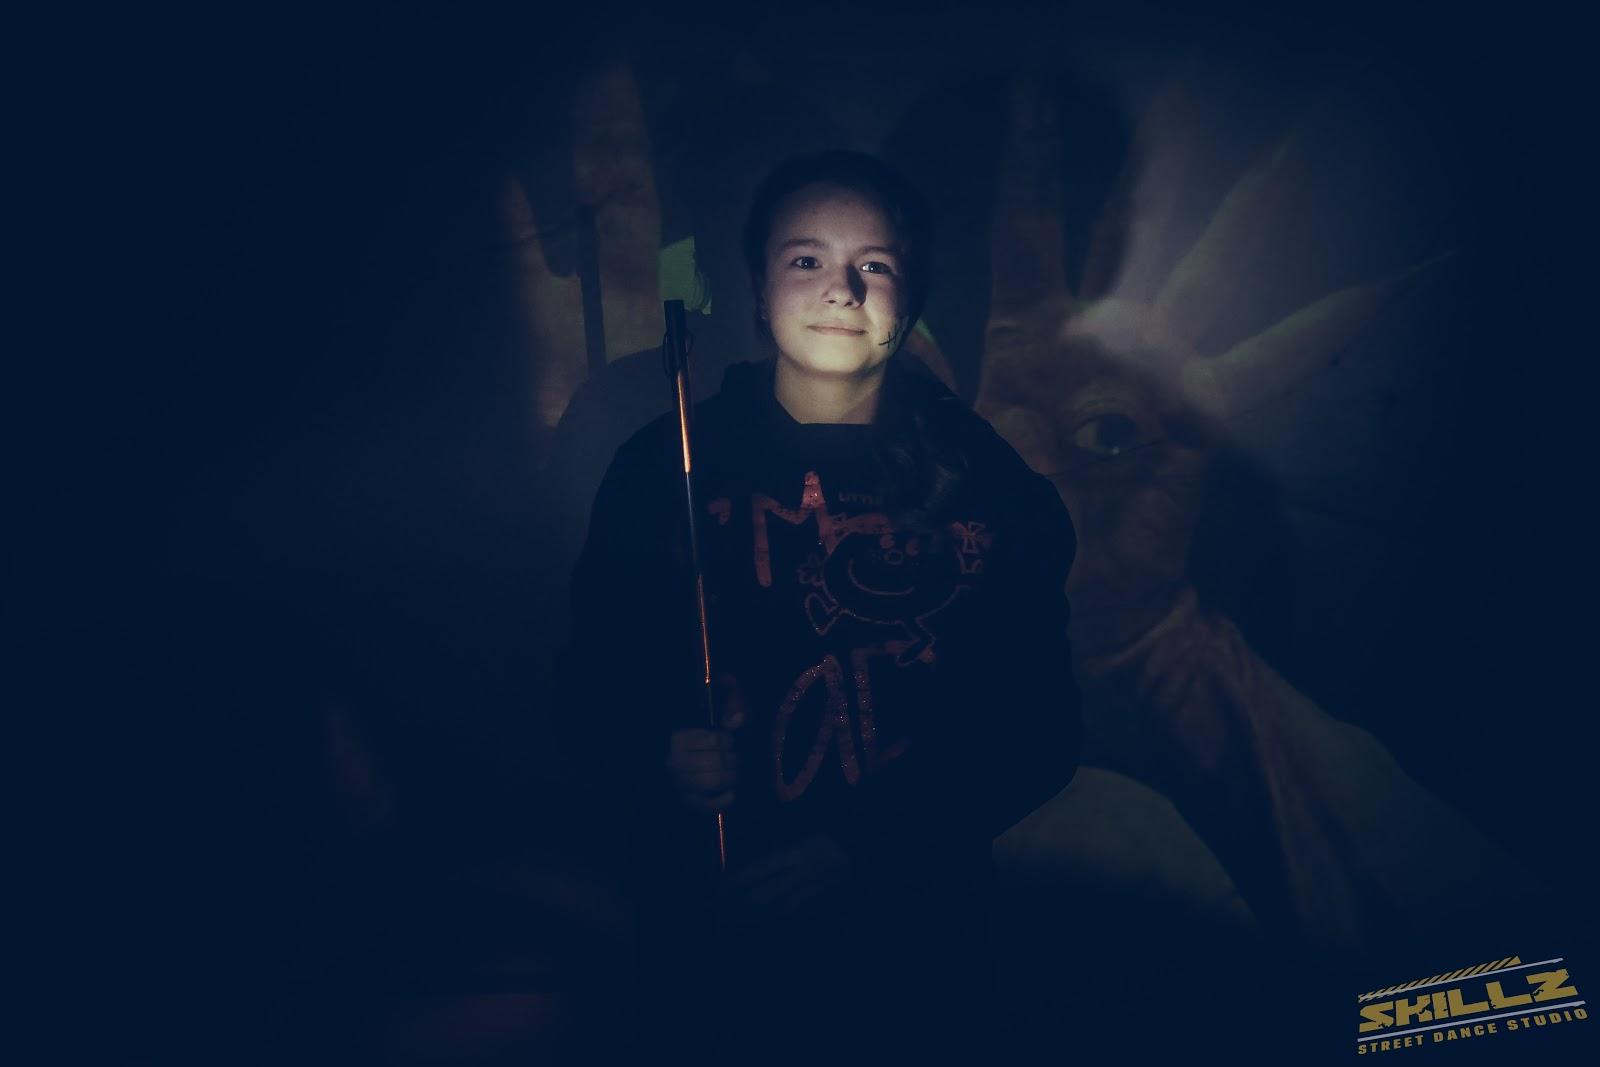 Naujikų krikštynos @SKILLZ (Halloween tema) - PANA1855.jpg